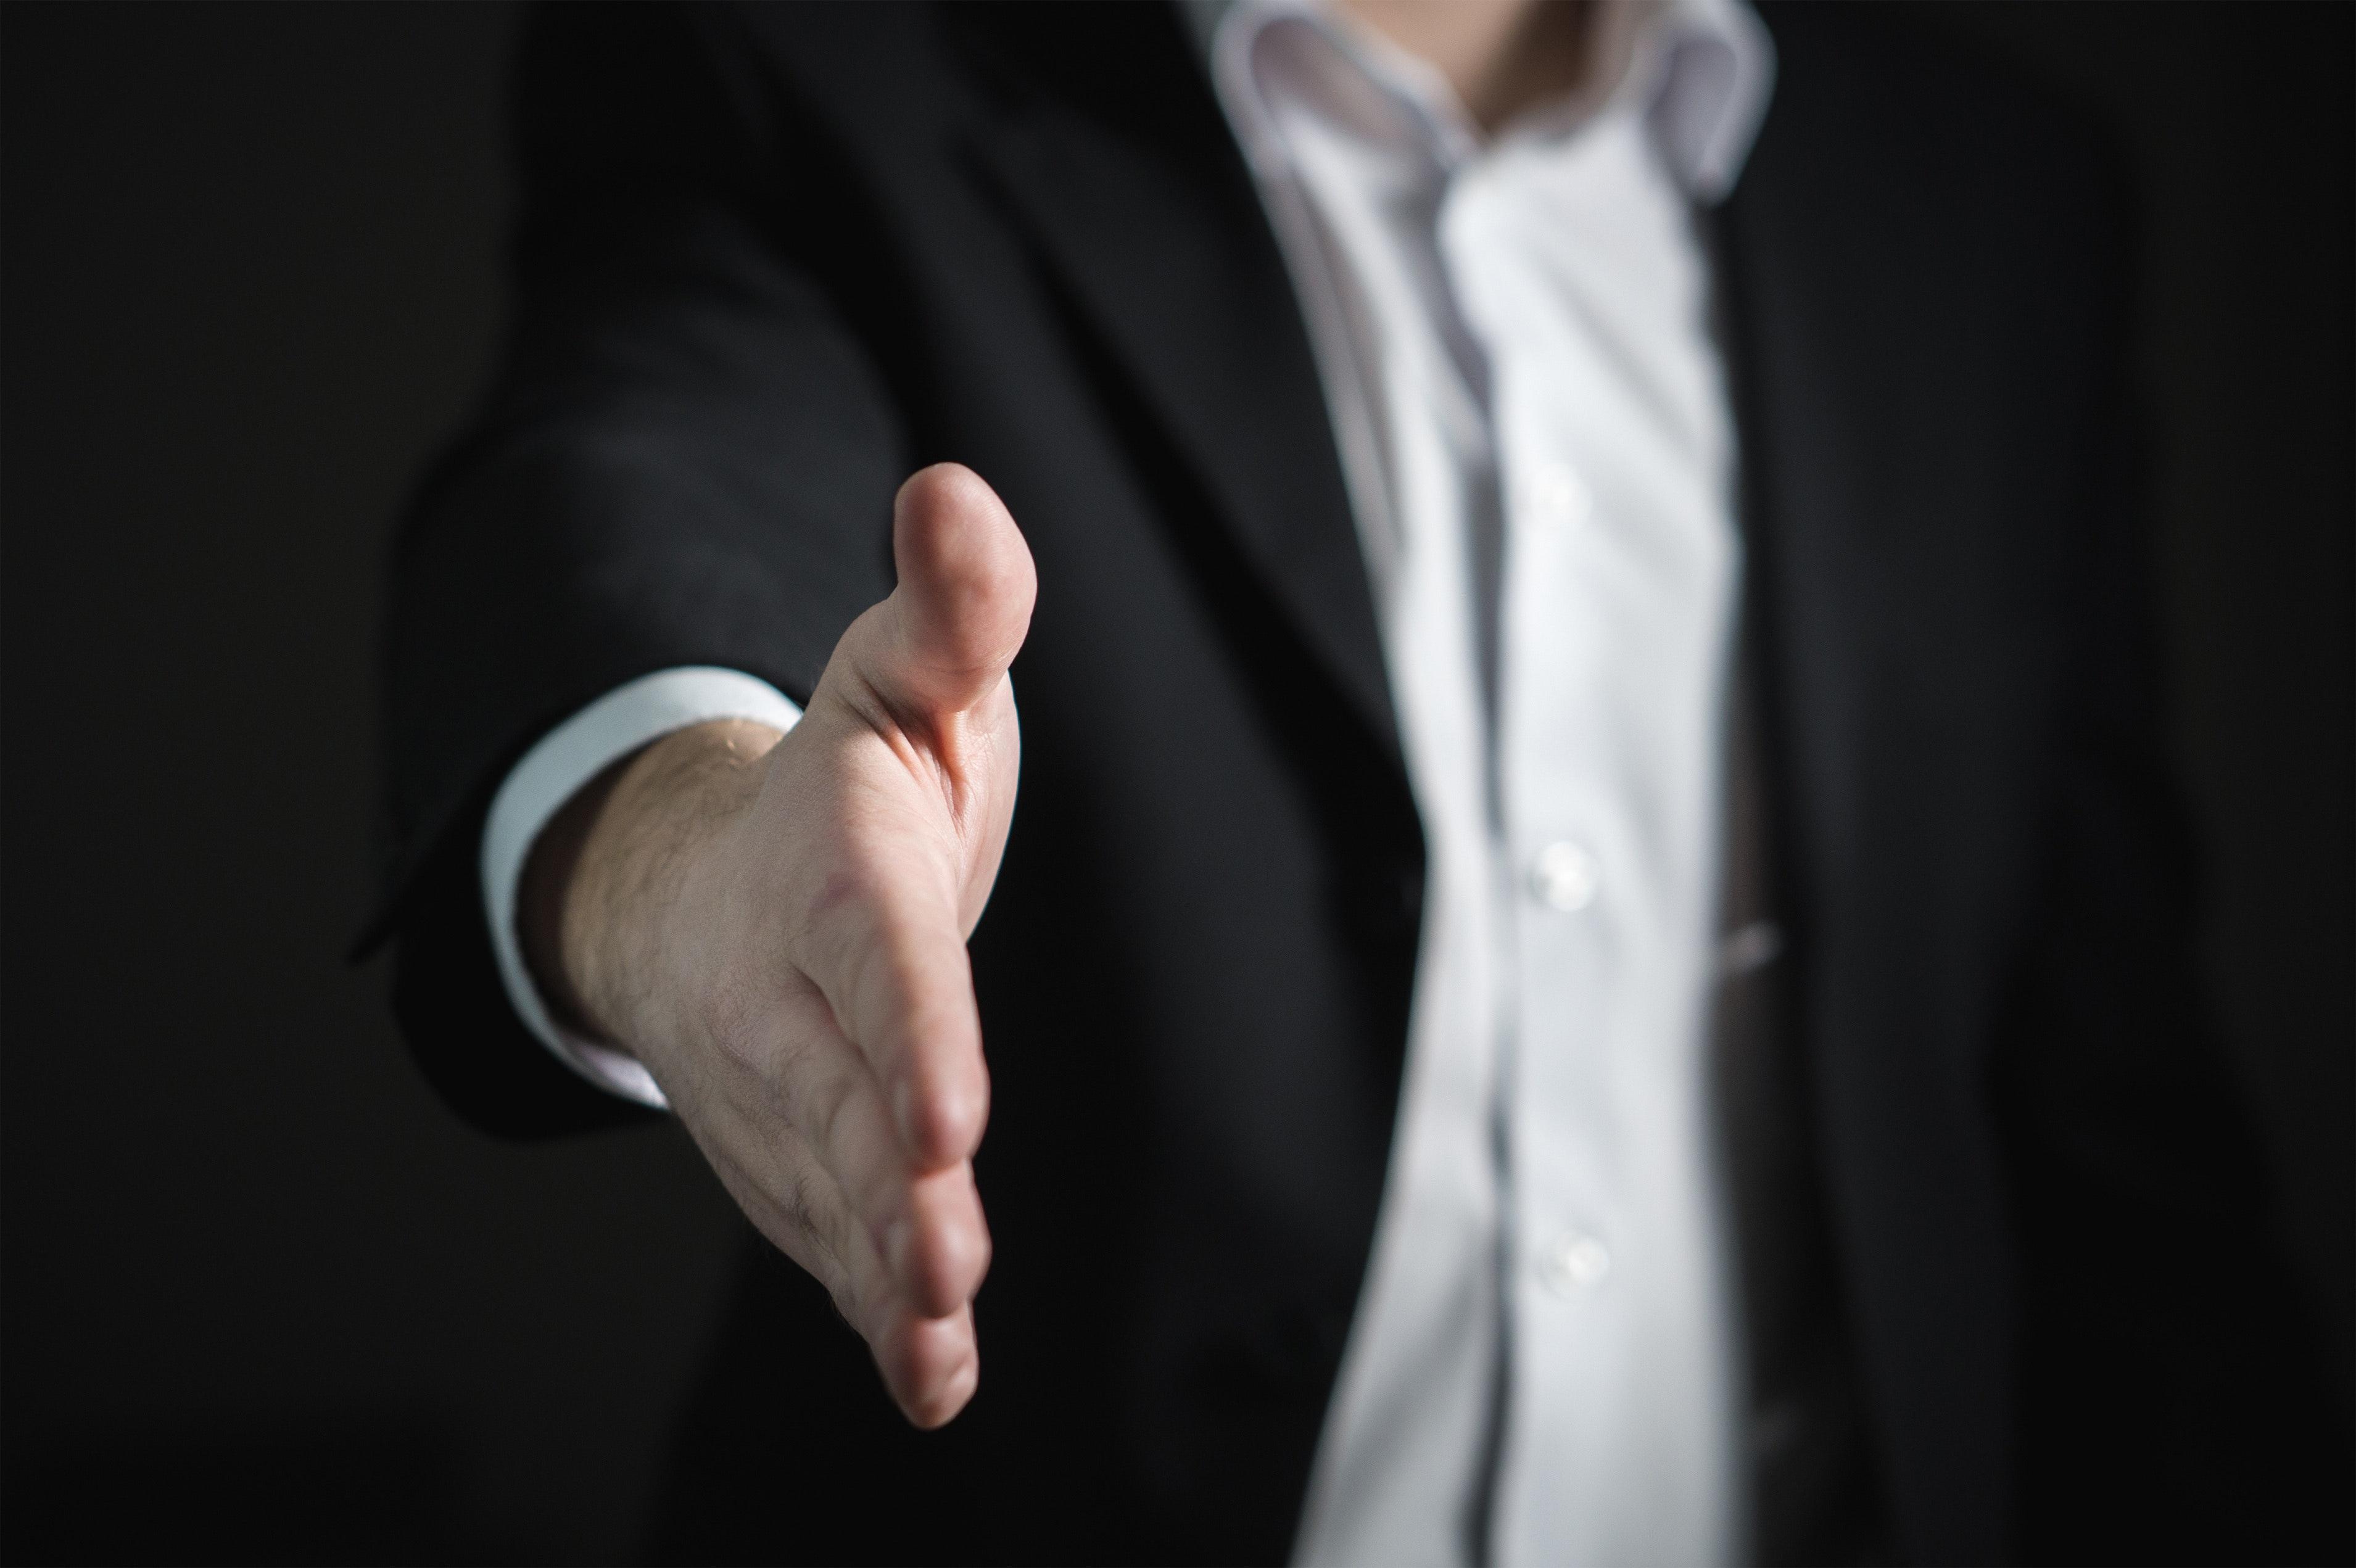 L4 a wypowiedzenie pracy – co trzeba wiedzieć?